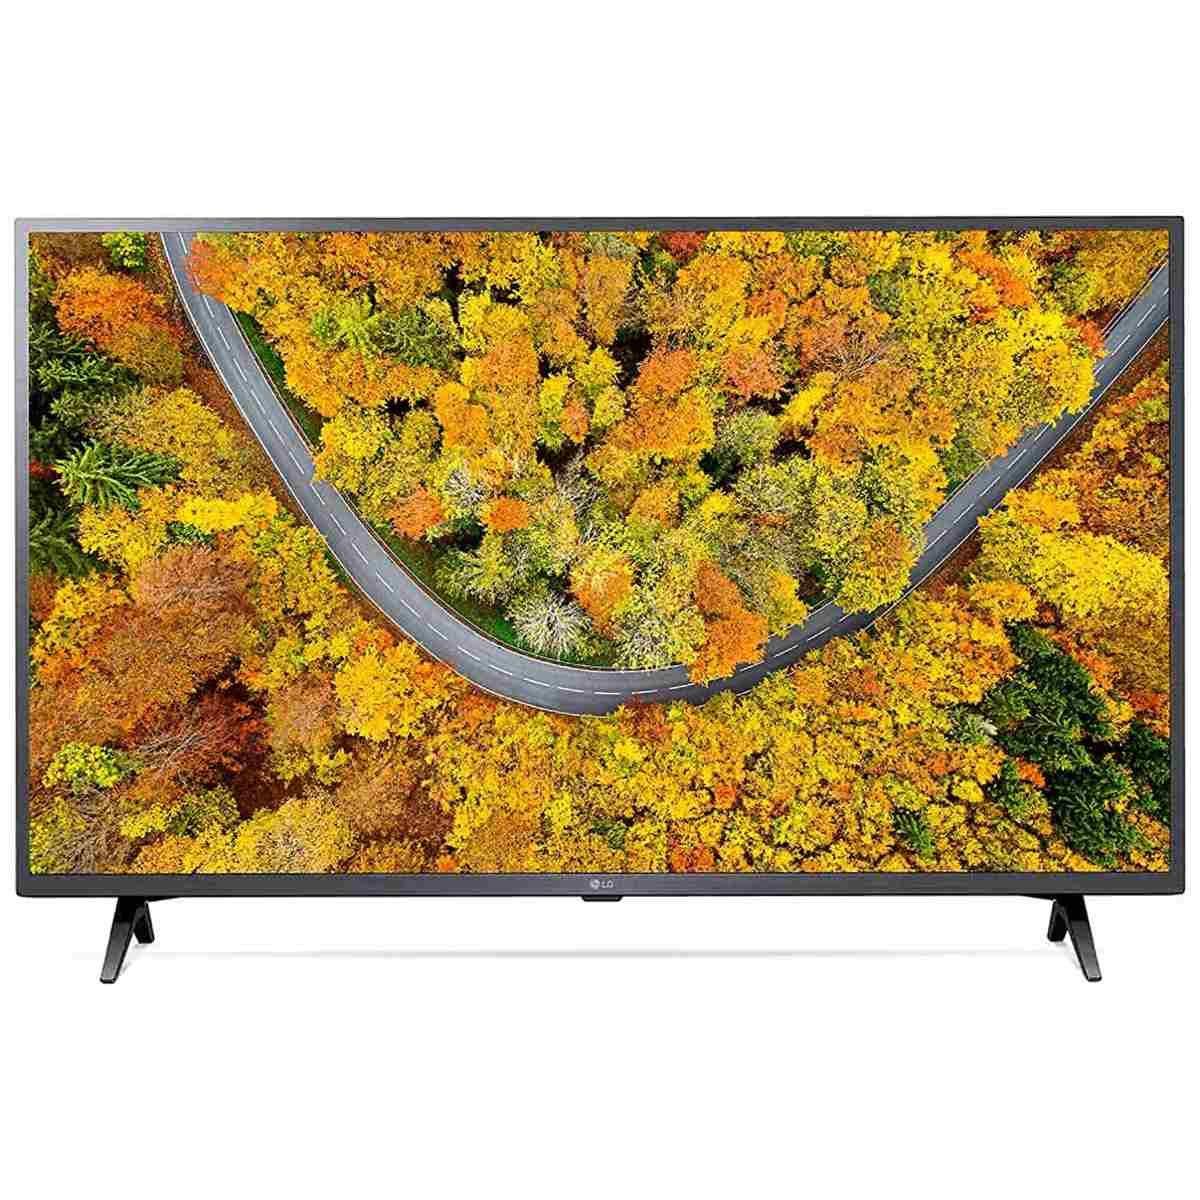 LG 43 inches 4K LED TV(43UP7500PTZ)